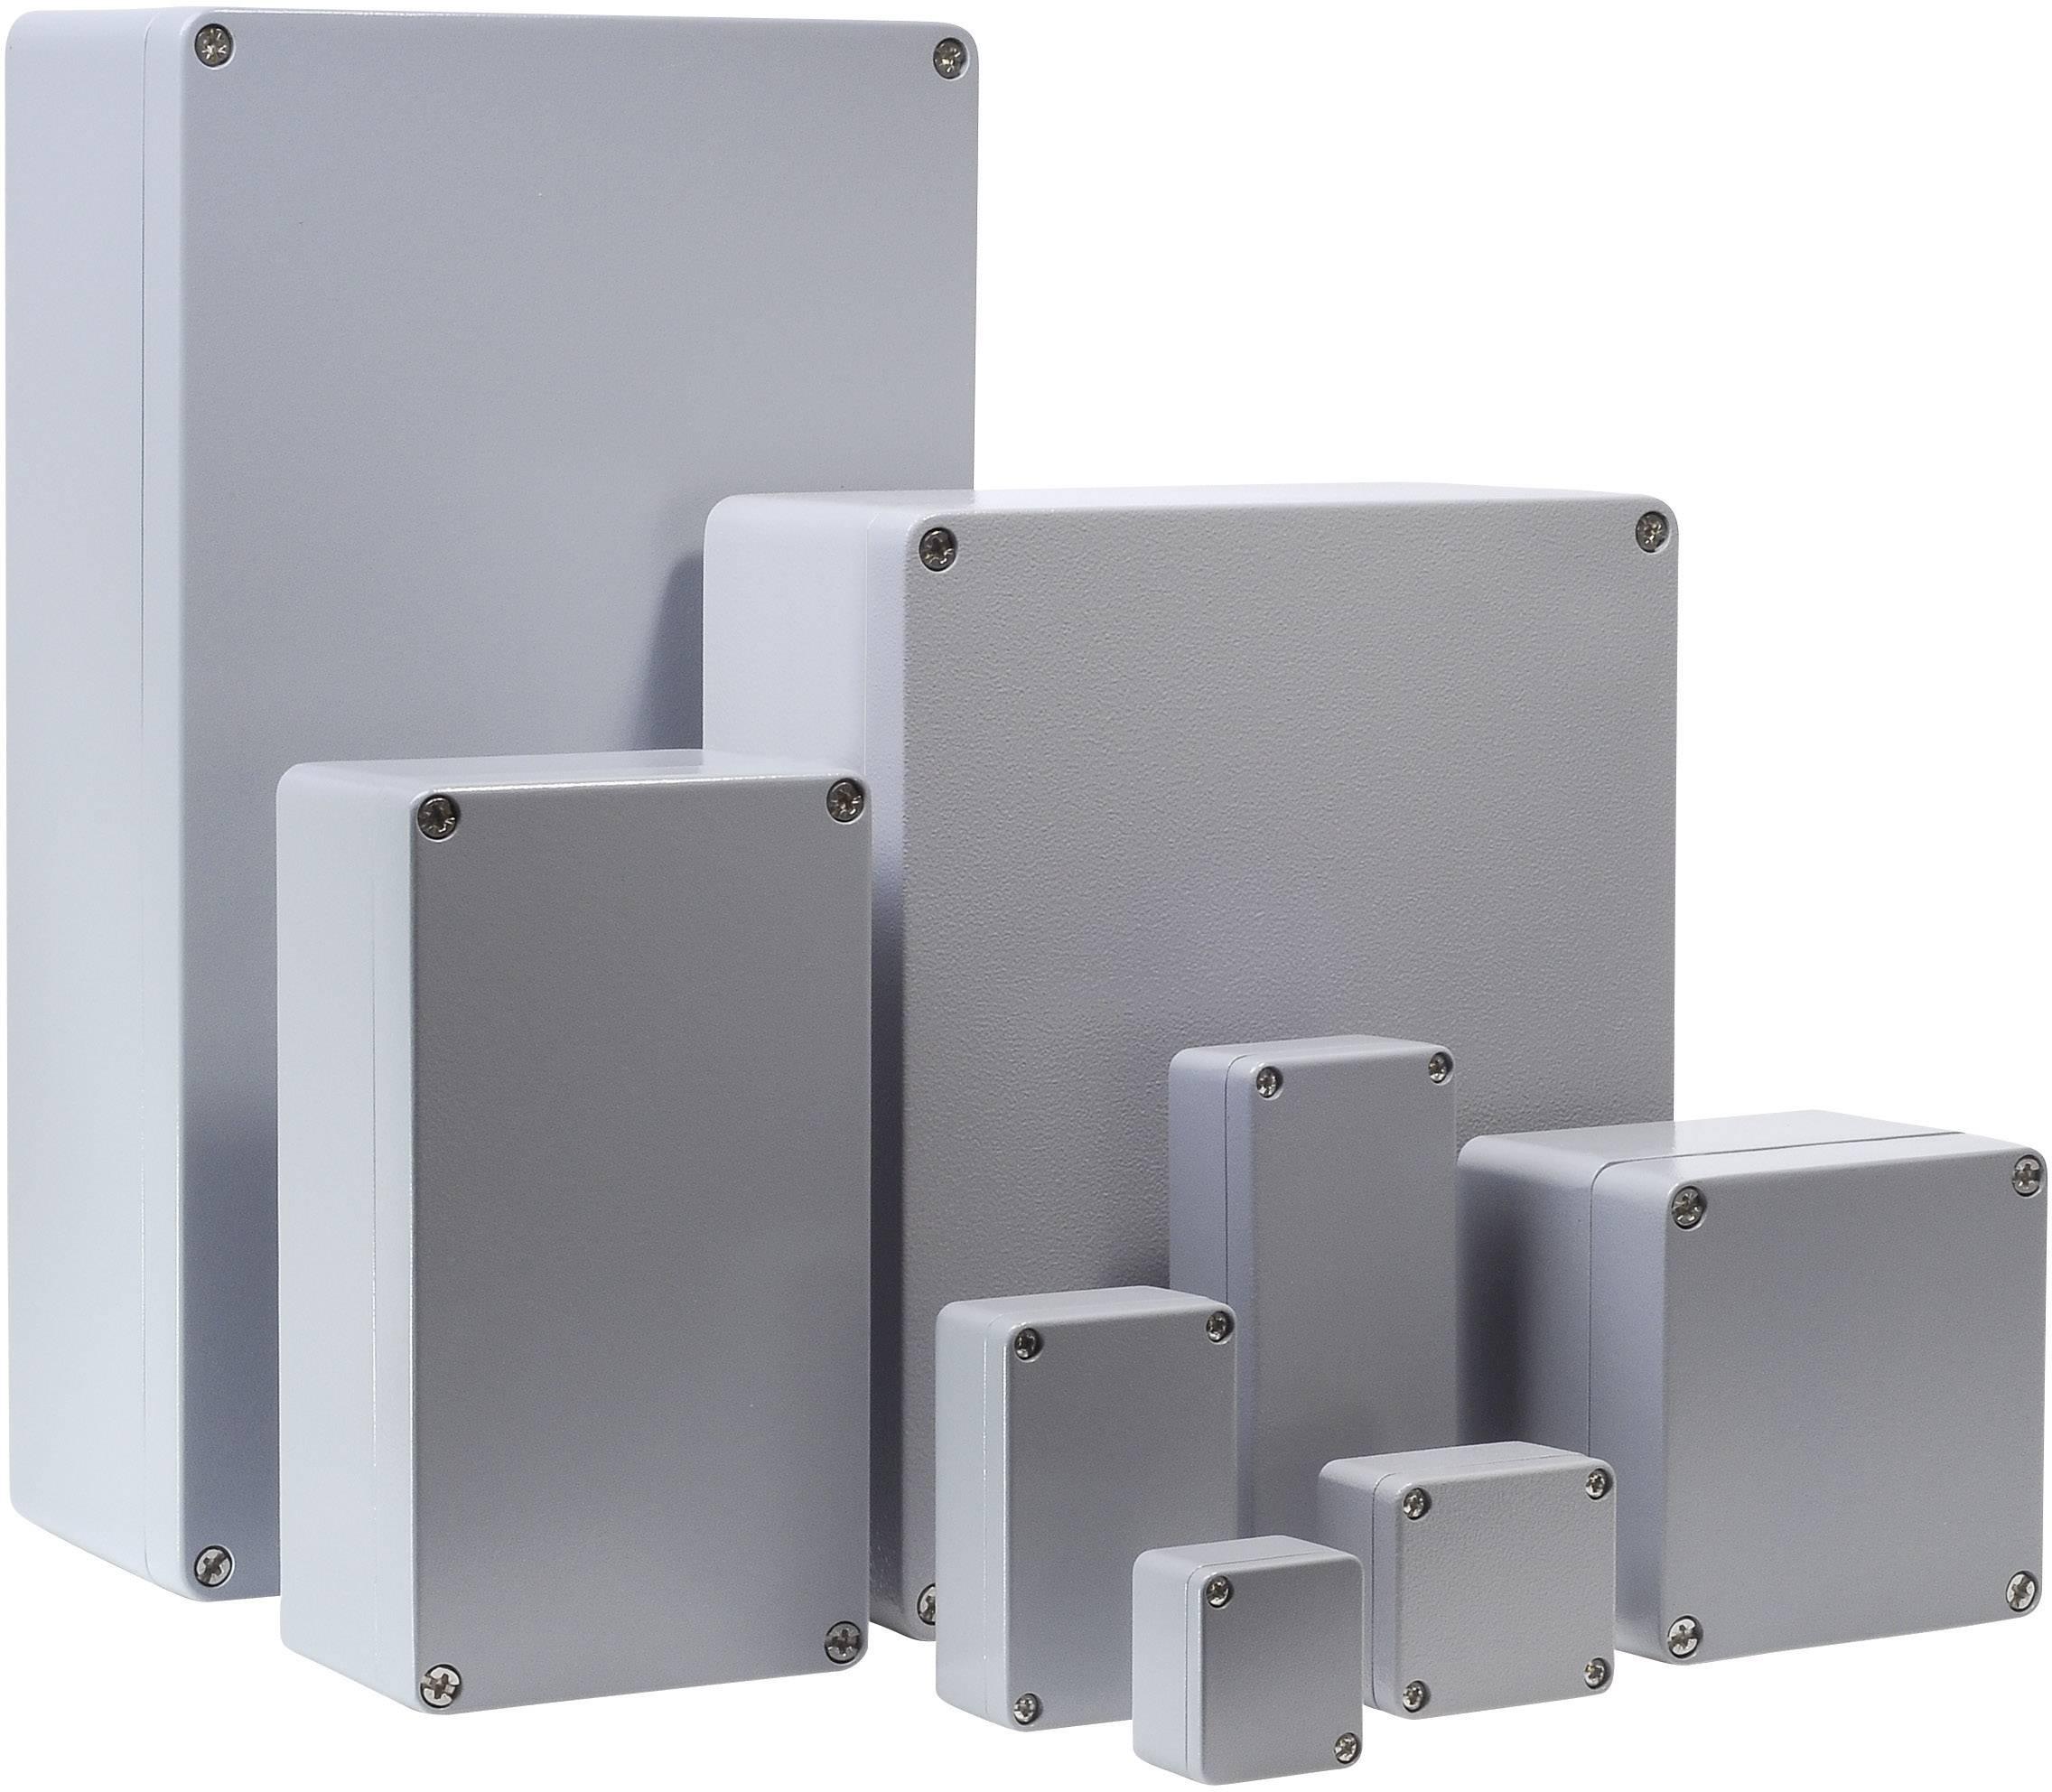 Univerzální pouzdro hliníkové Bernstein AG CA-215, (d x š x v) 122 x 122 x 90 mm, stříbrná